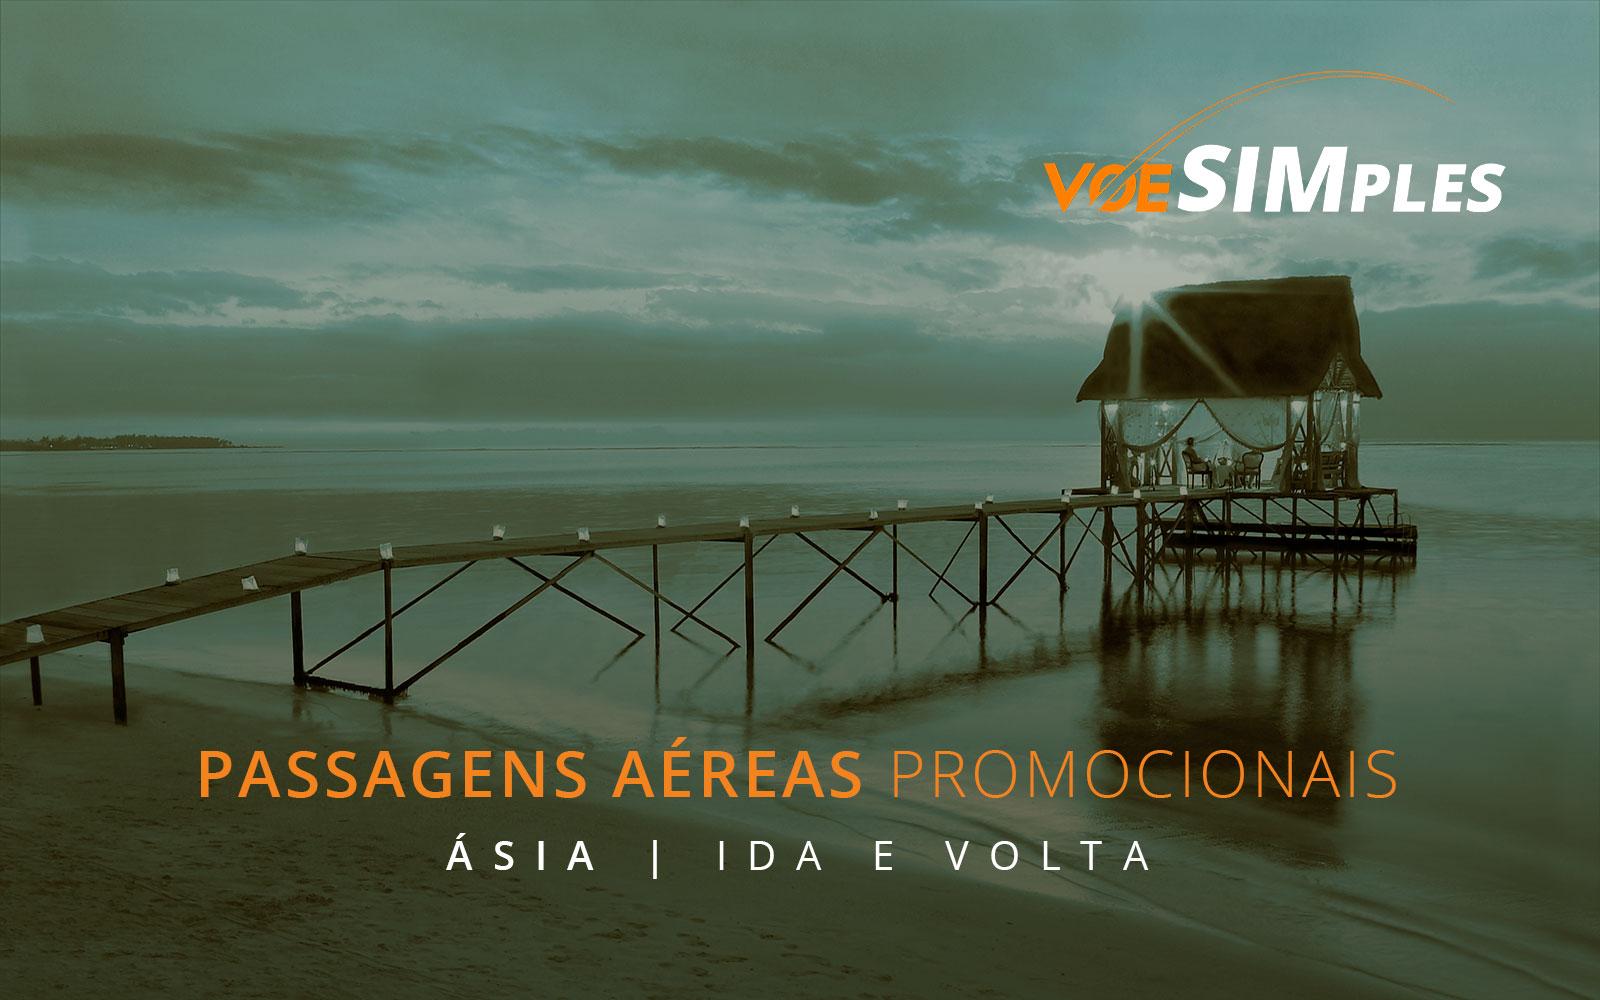 Passagens aéreas promocionais para a Ásia